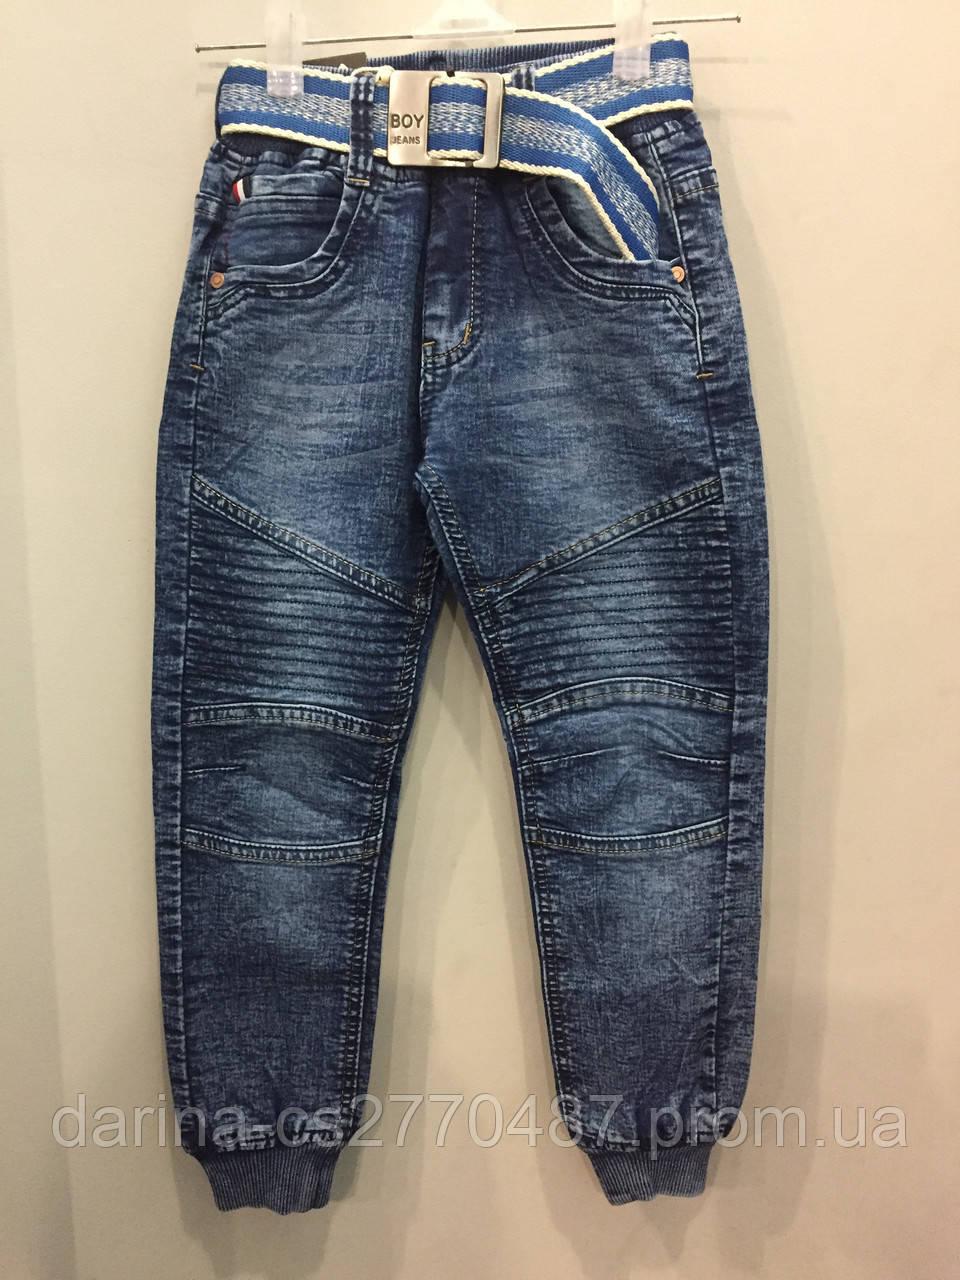 Модные джинсы для мальчика 104,110,128 см